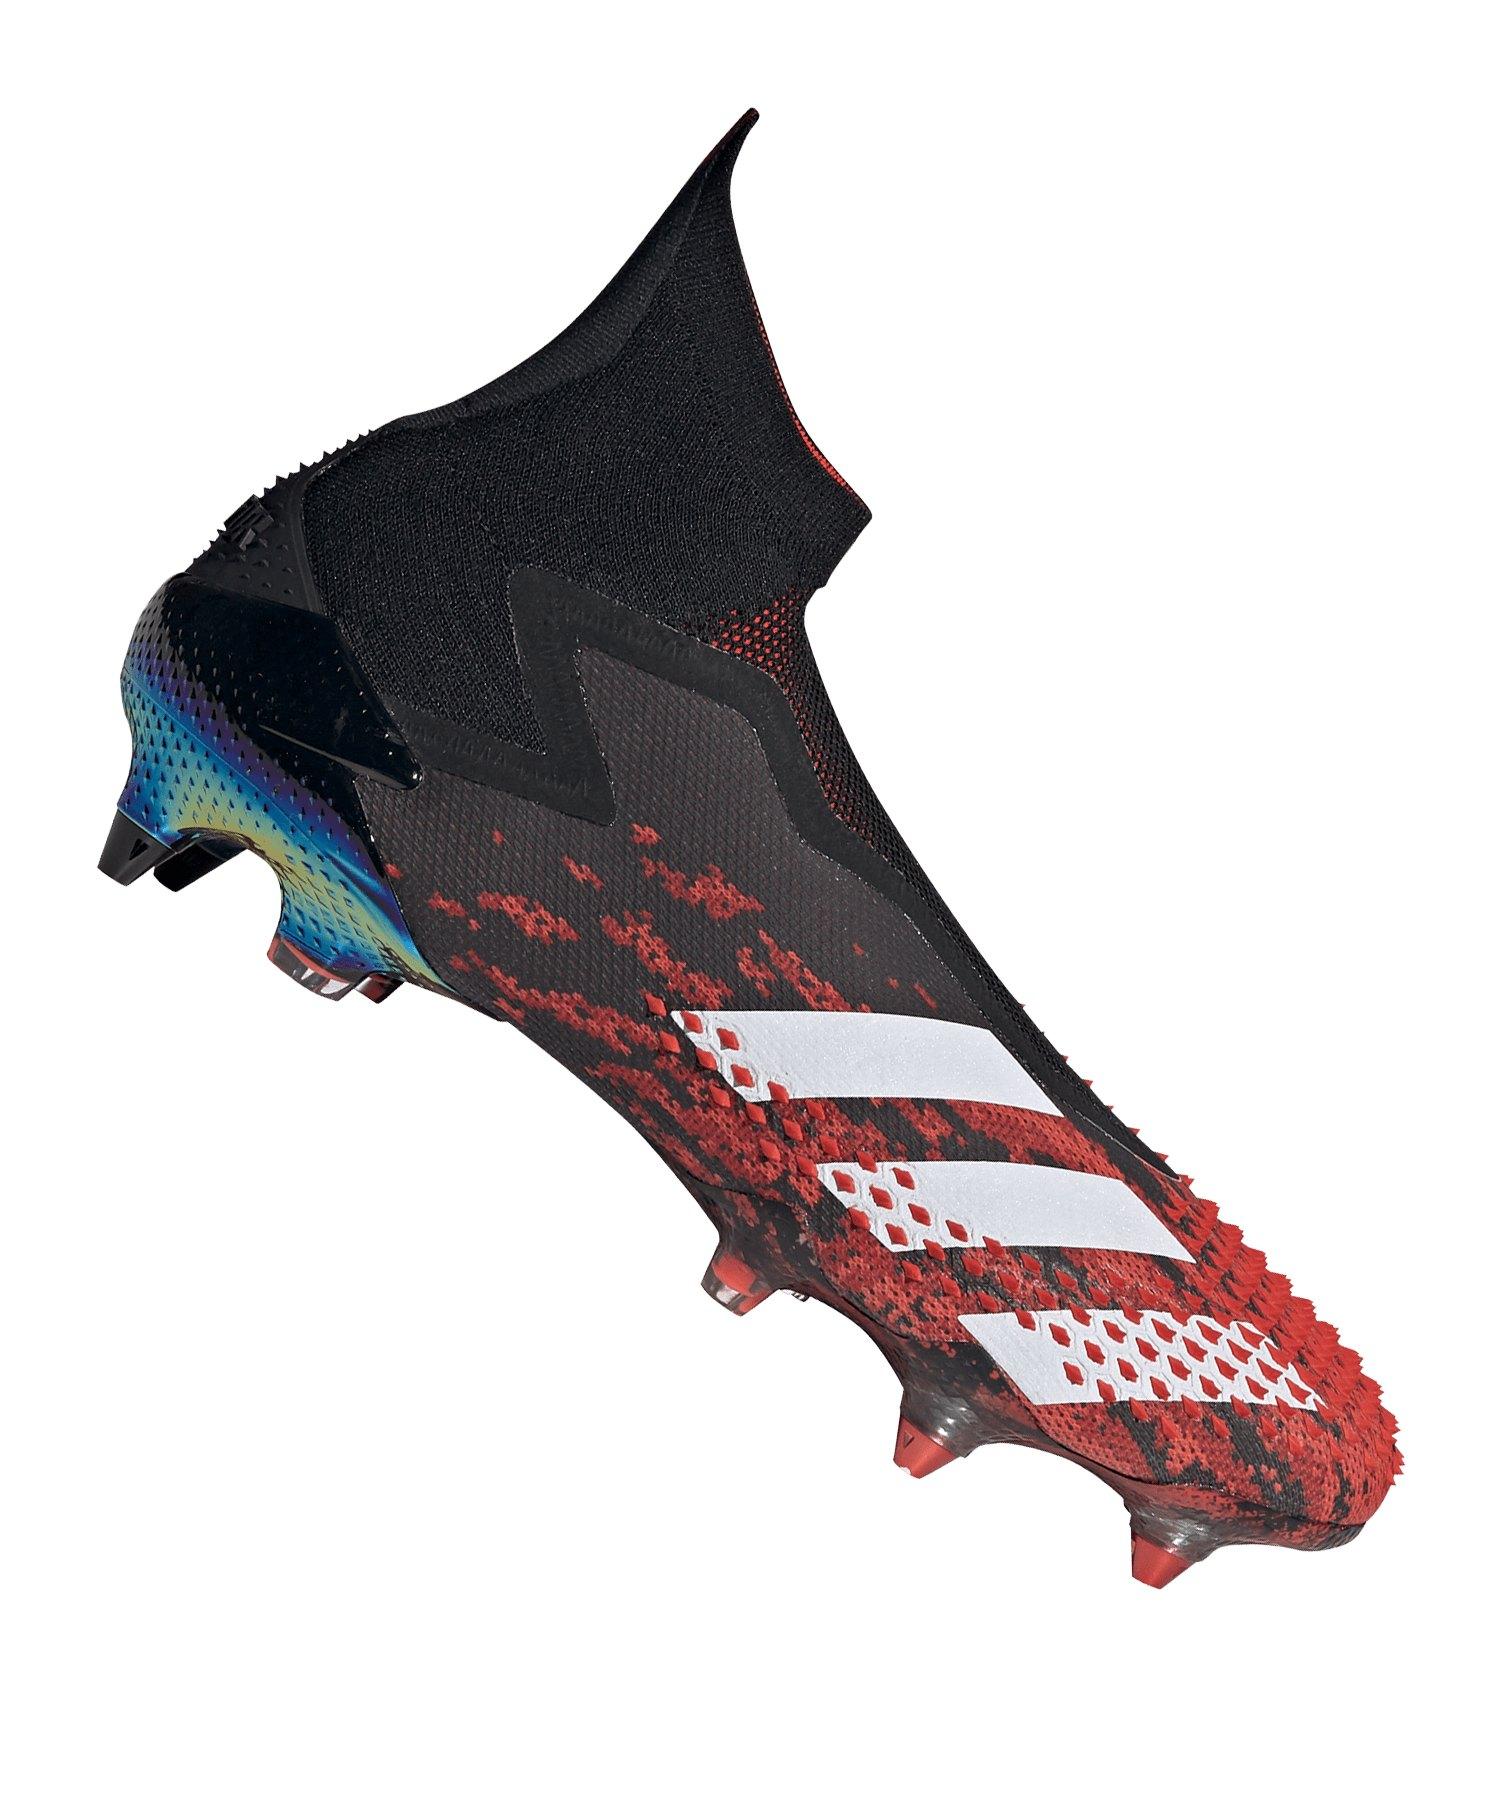 adidas Predator 20+ SG Schwarz Rot - schwarz